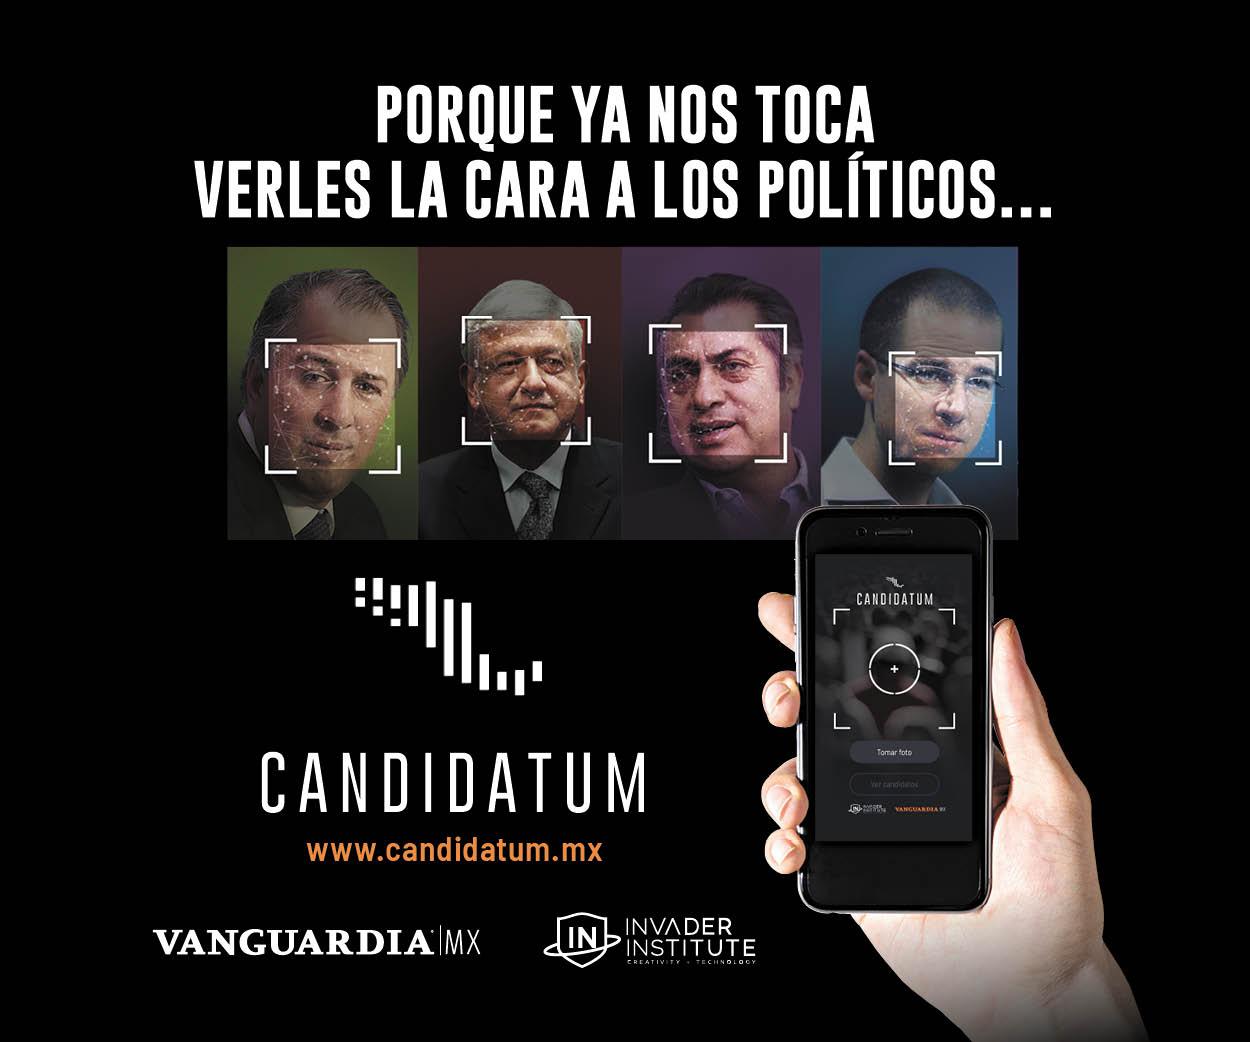 Candidatum